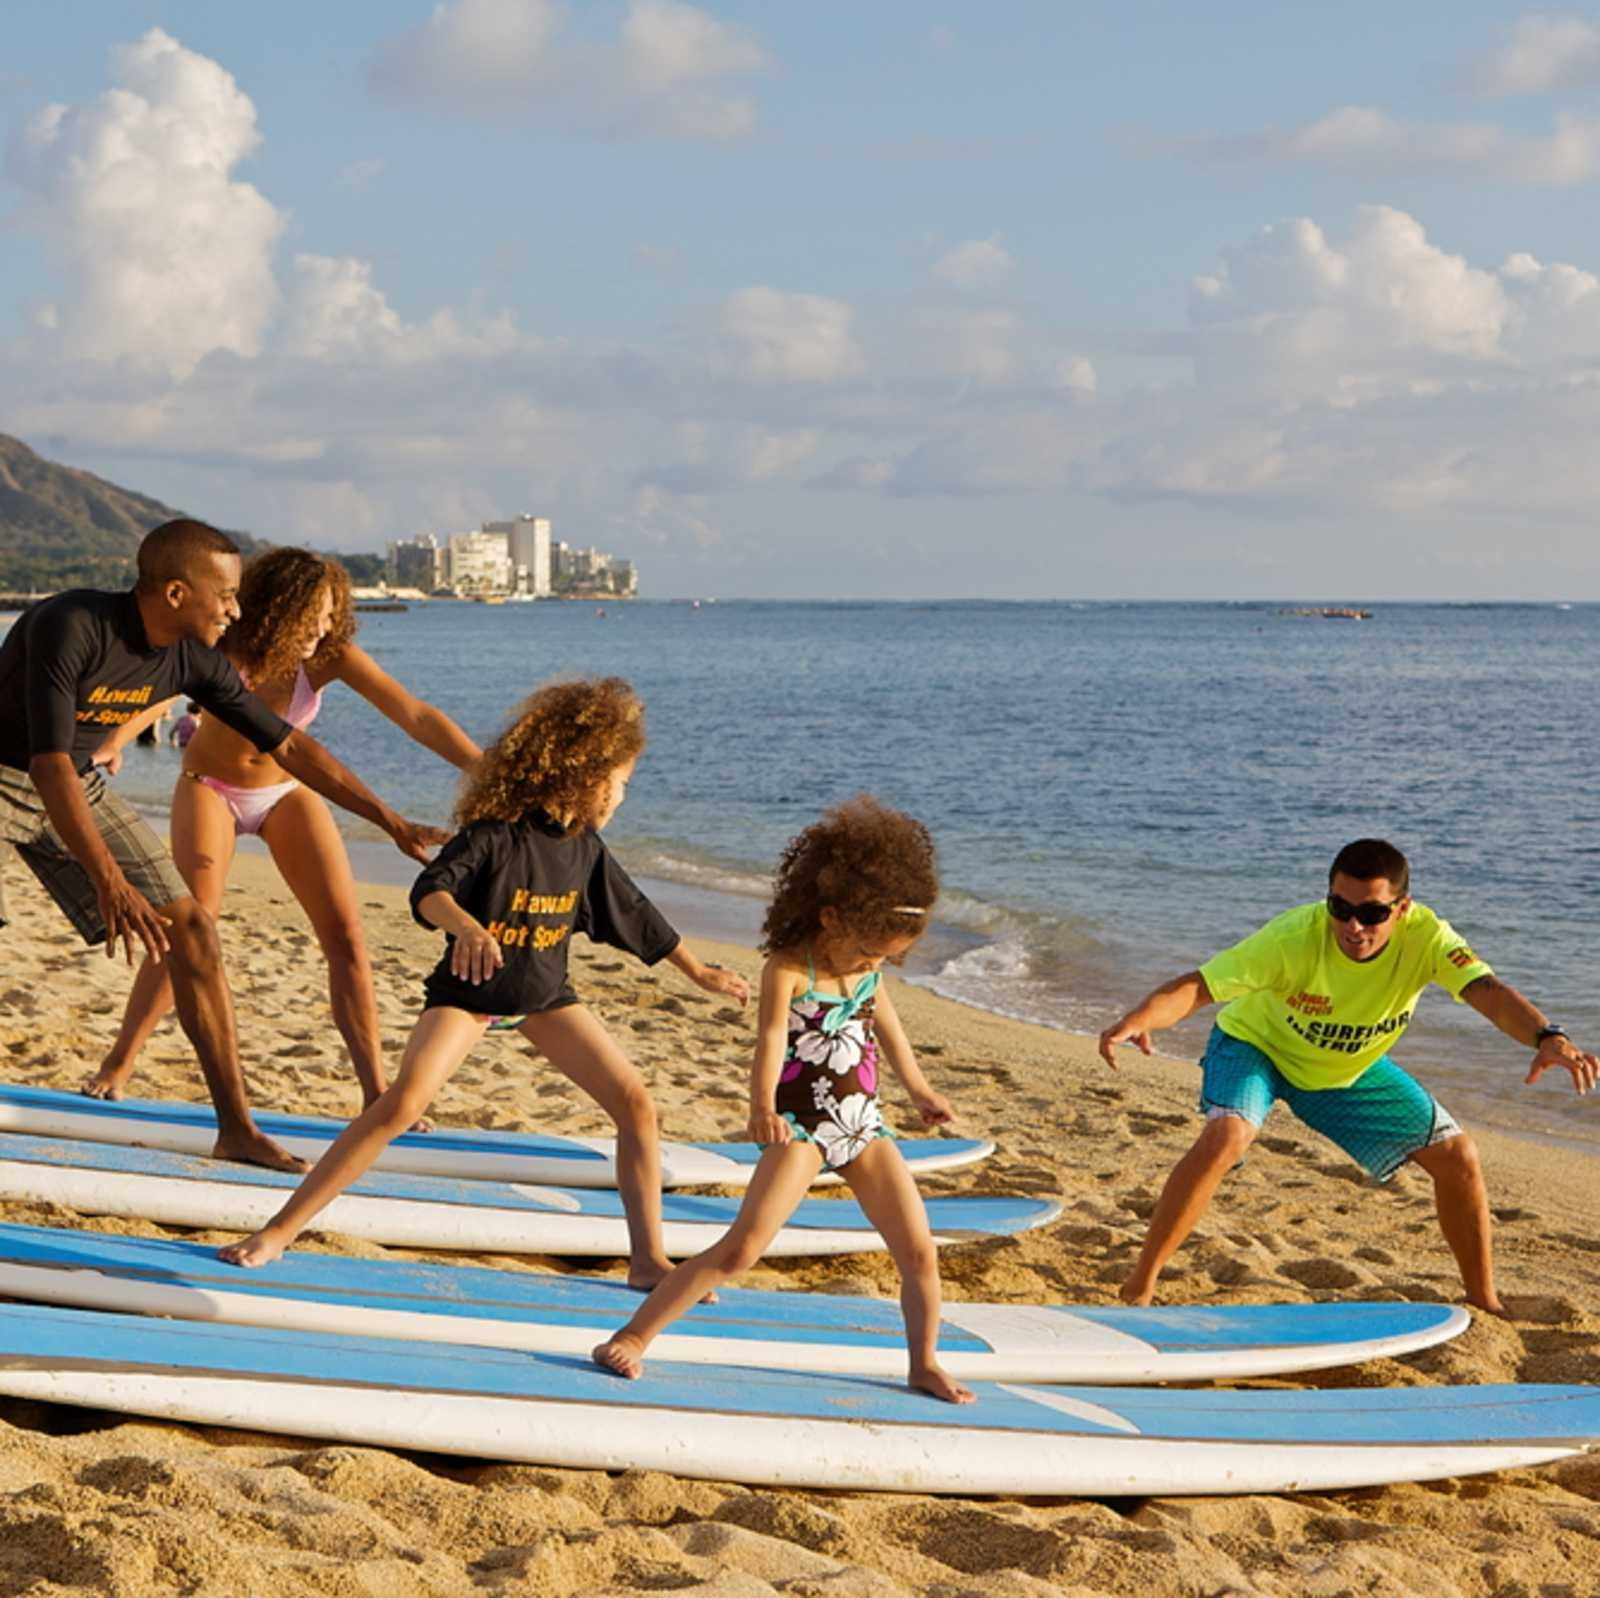 Surfübung am Strand von Waikiki